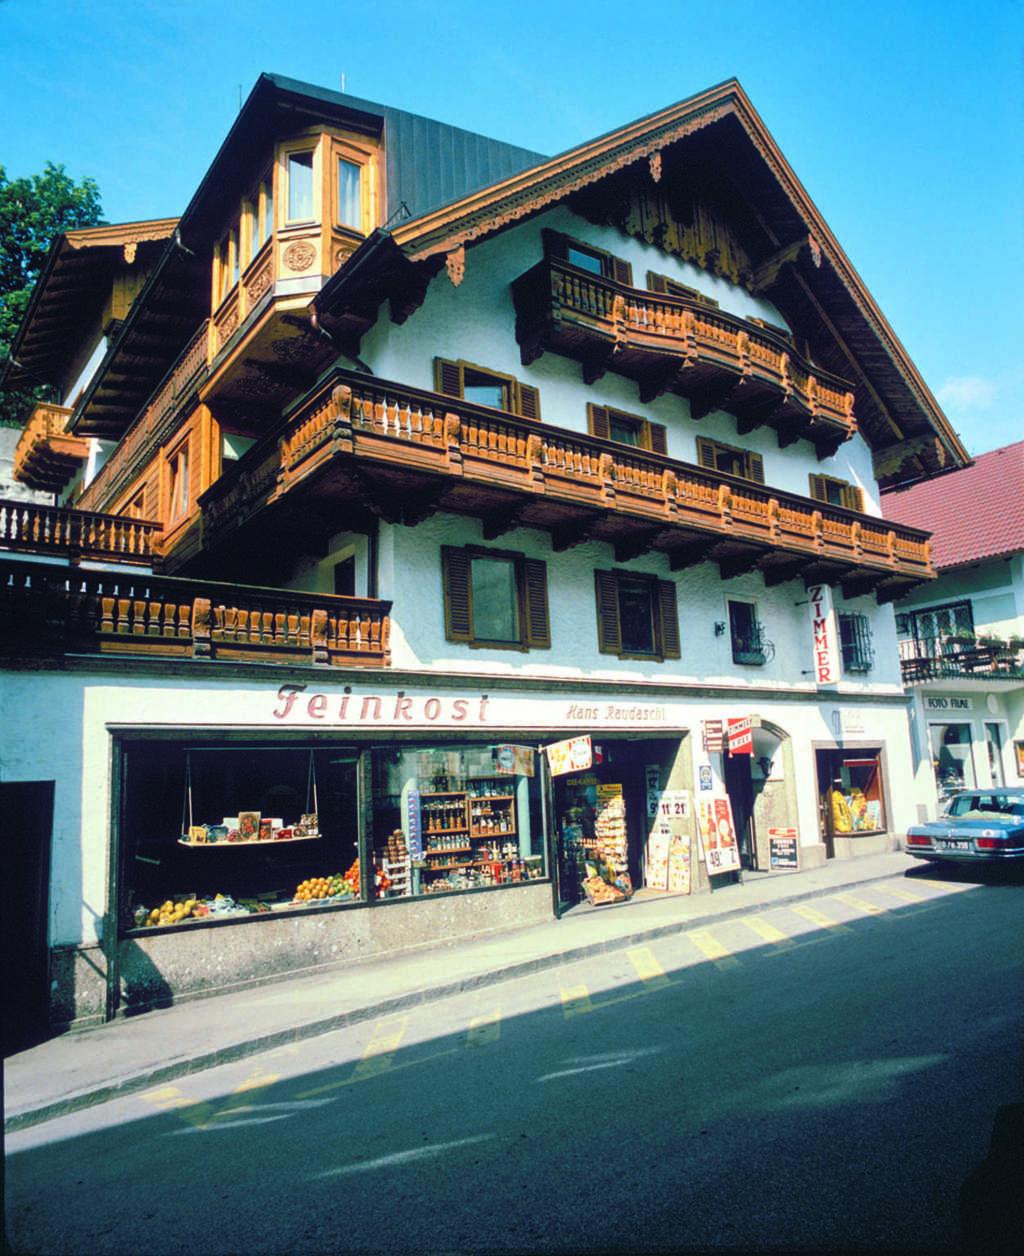 Apparthotel St. Wolfgang, Ferienwohnung 3